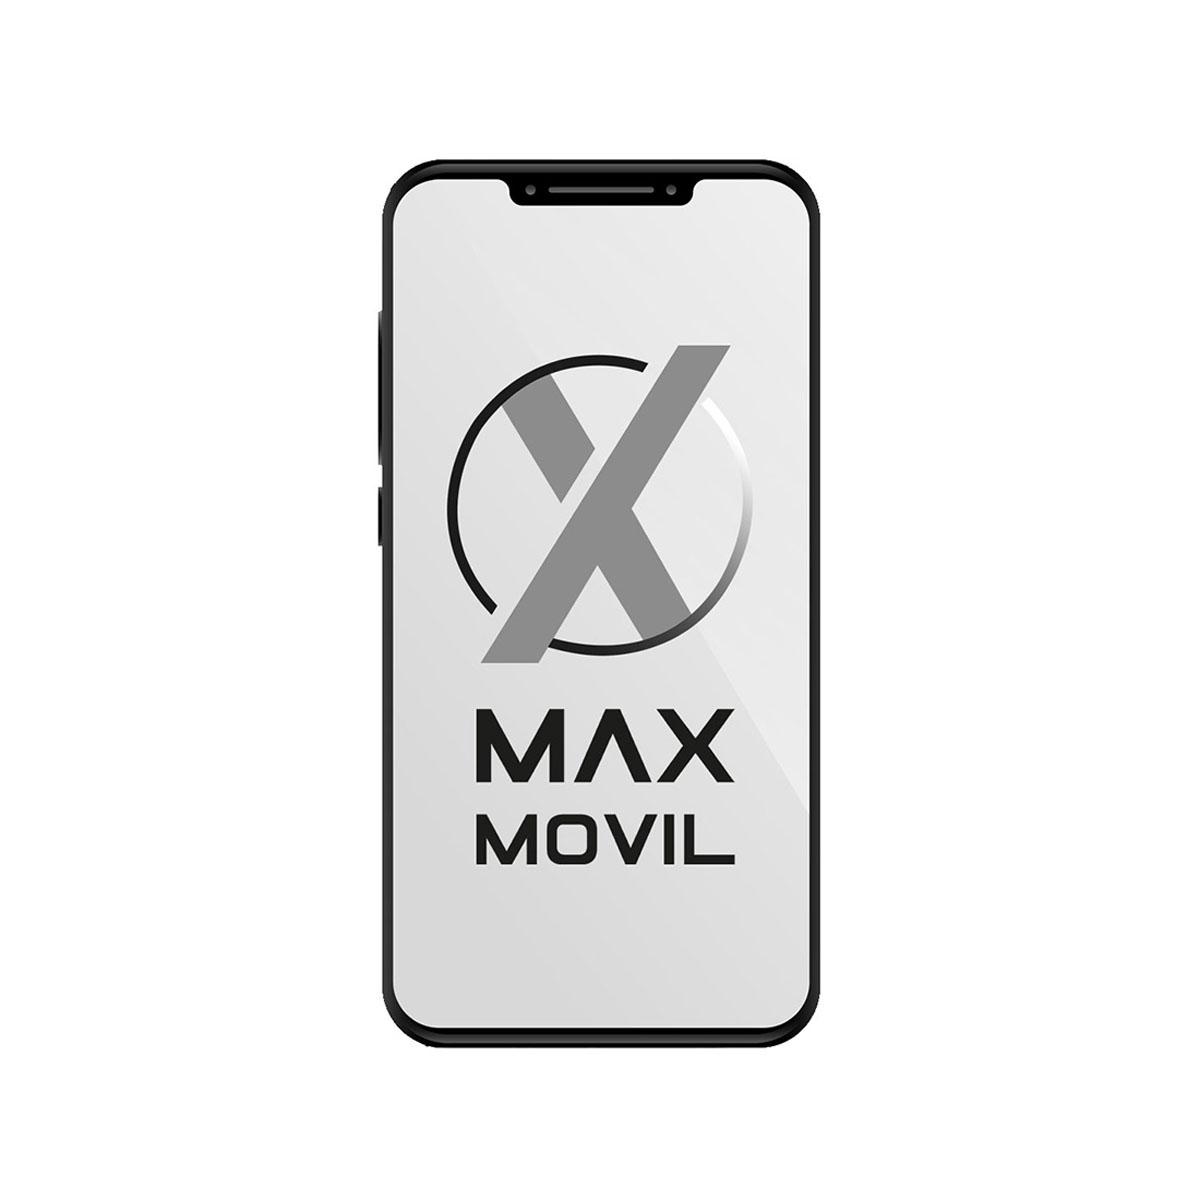 Carcasa original para el iocean X8 mini/mini Pro gris